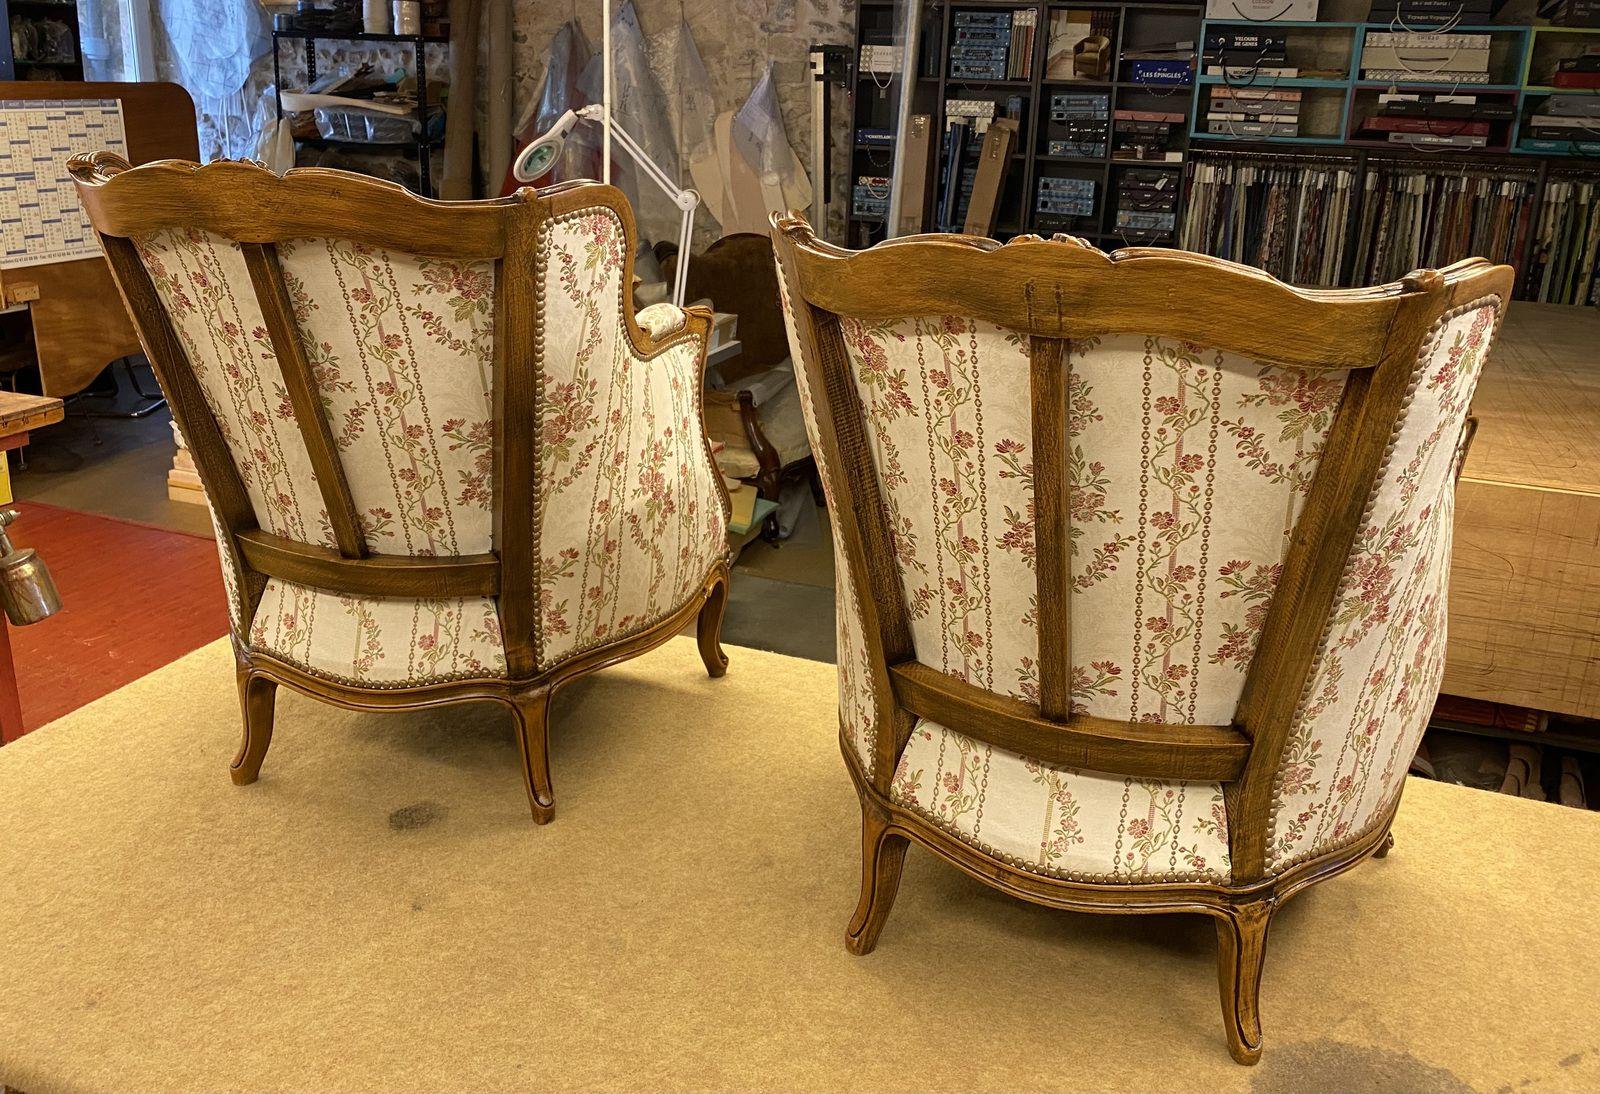 Couverture deux bergères Loui XV - Finition cloutée classique, vernis - Atelier hafner tapissier sellier